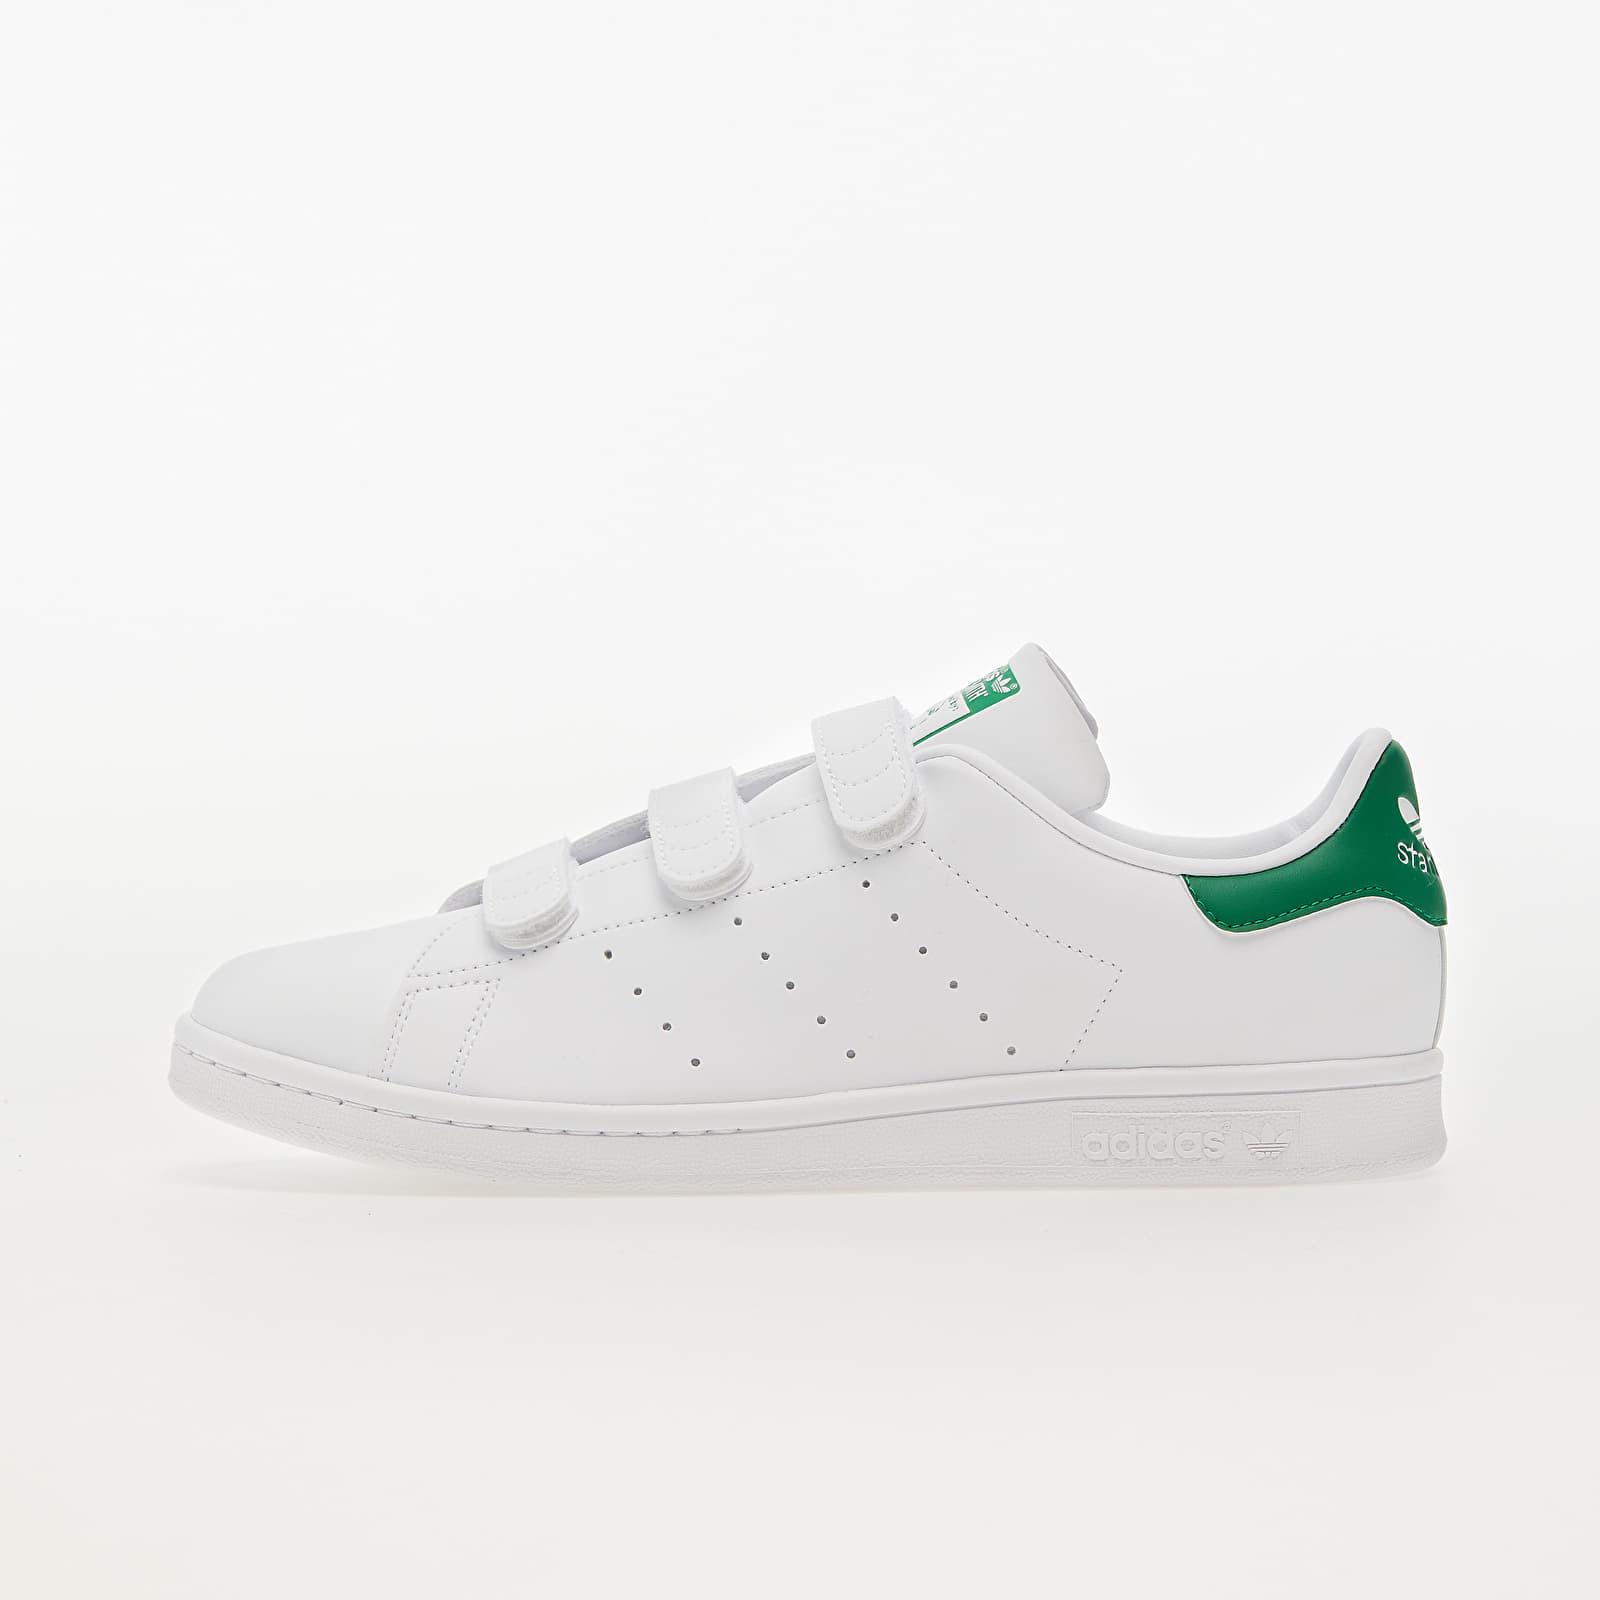 adidas Stan Smith CF Ftwr White/ Ftwr White/ Green EUR 44